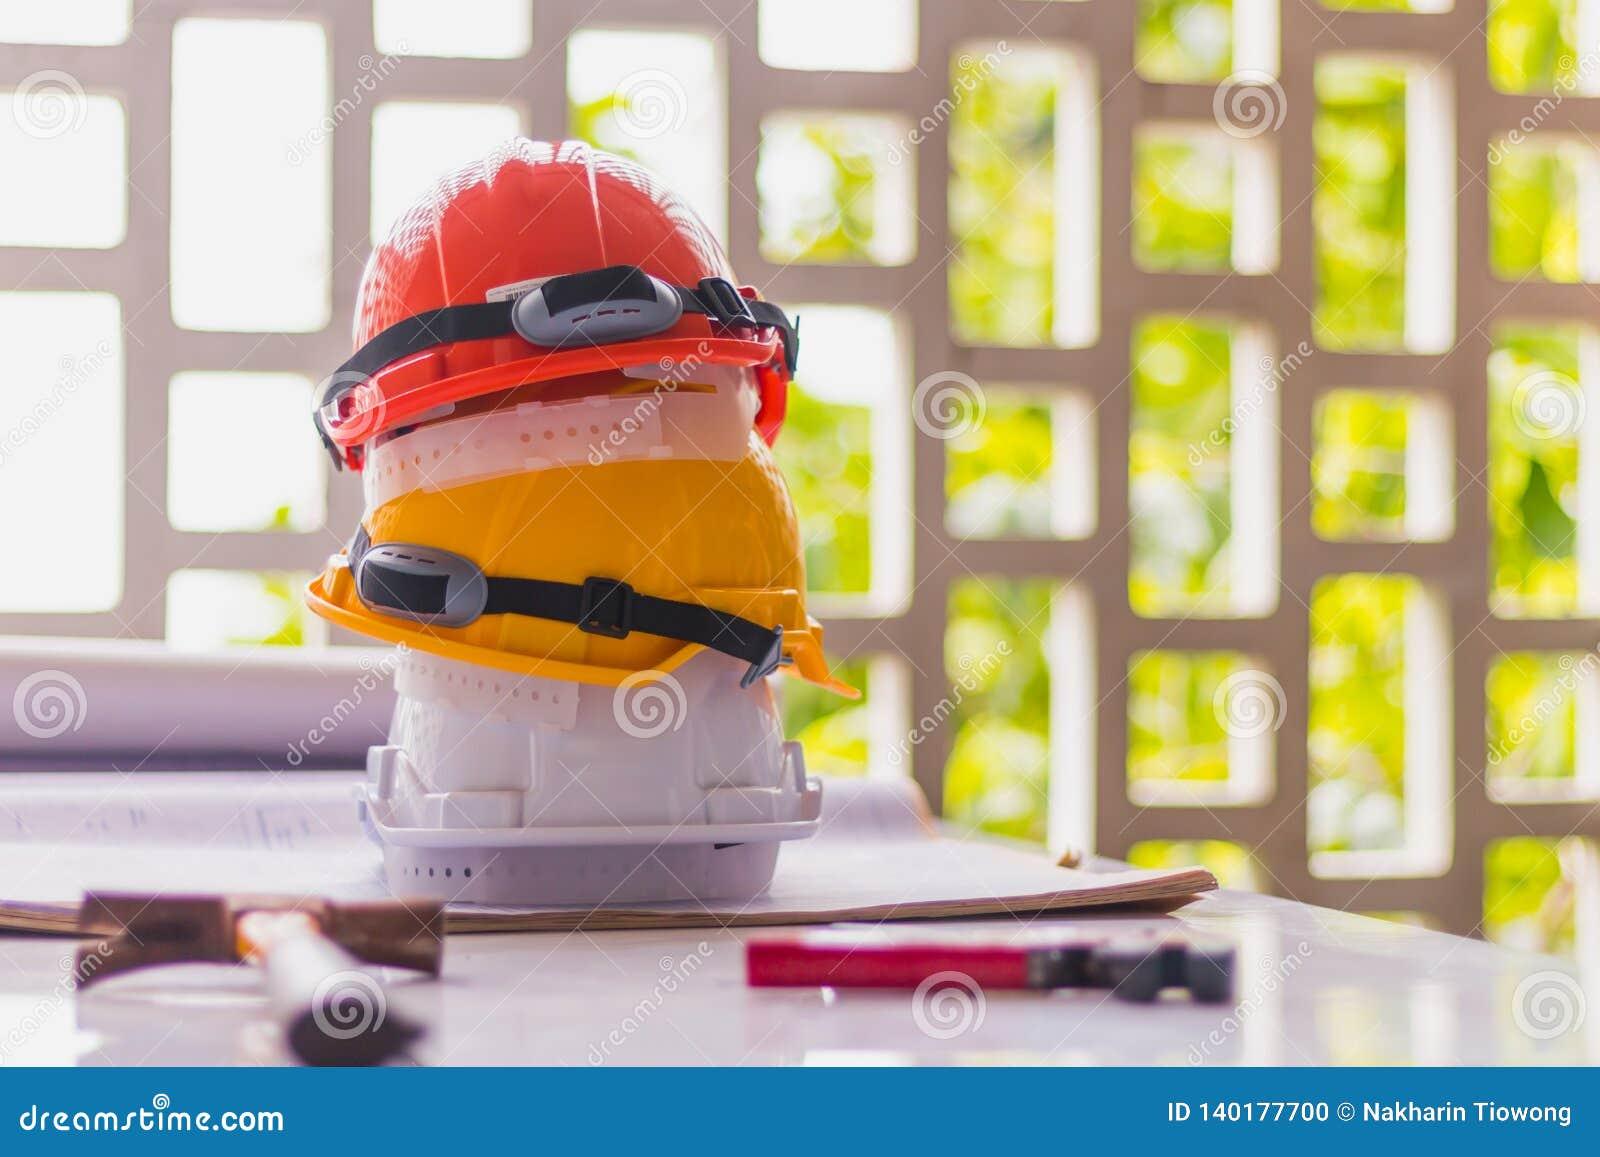 Weiße, gelbe und orange harte Sicherheit, Sturzhelmhut für Sicherheitsprojekt des Arbeiters oder Ingenieur auf Schreibtisch- und